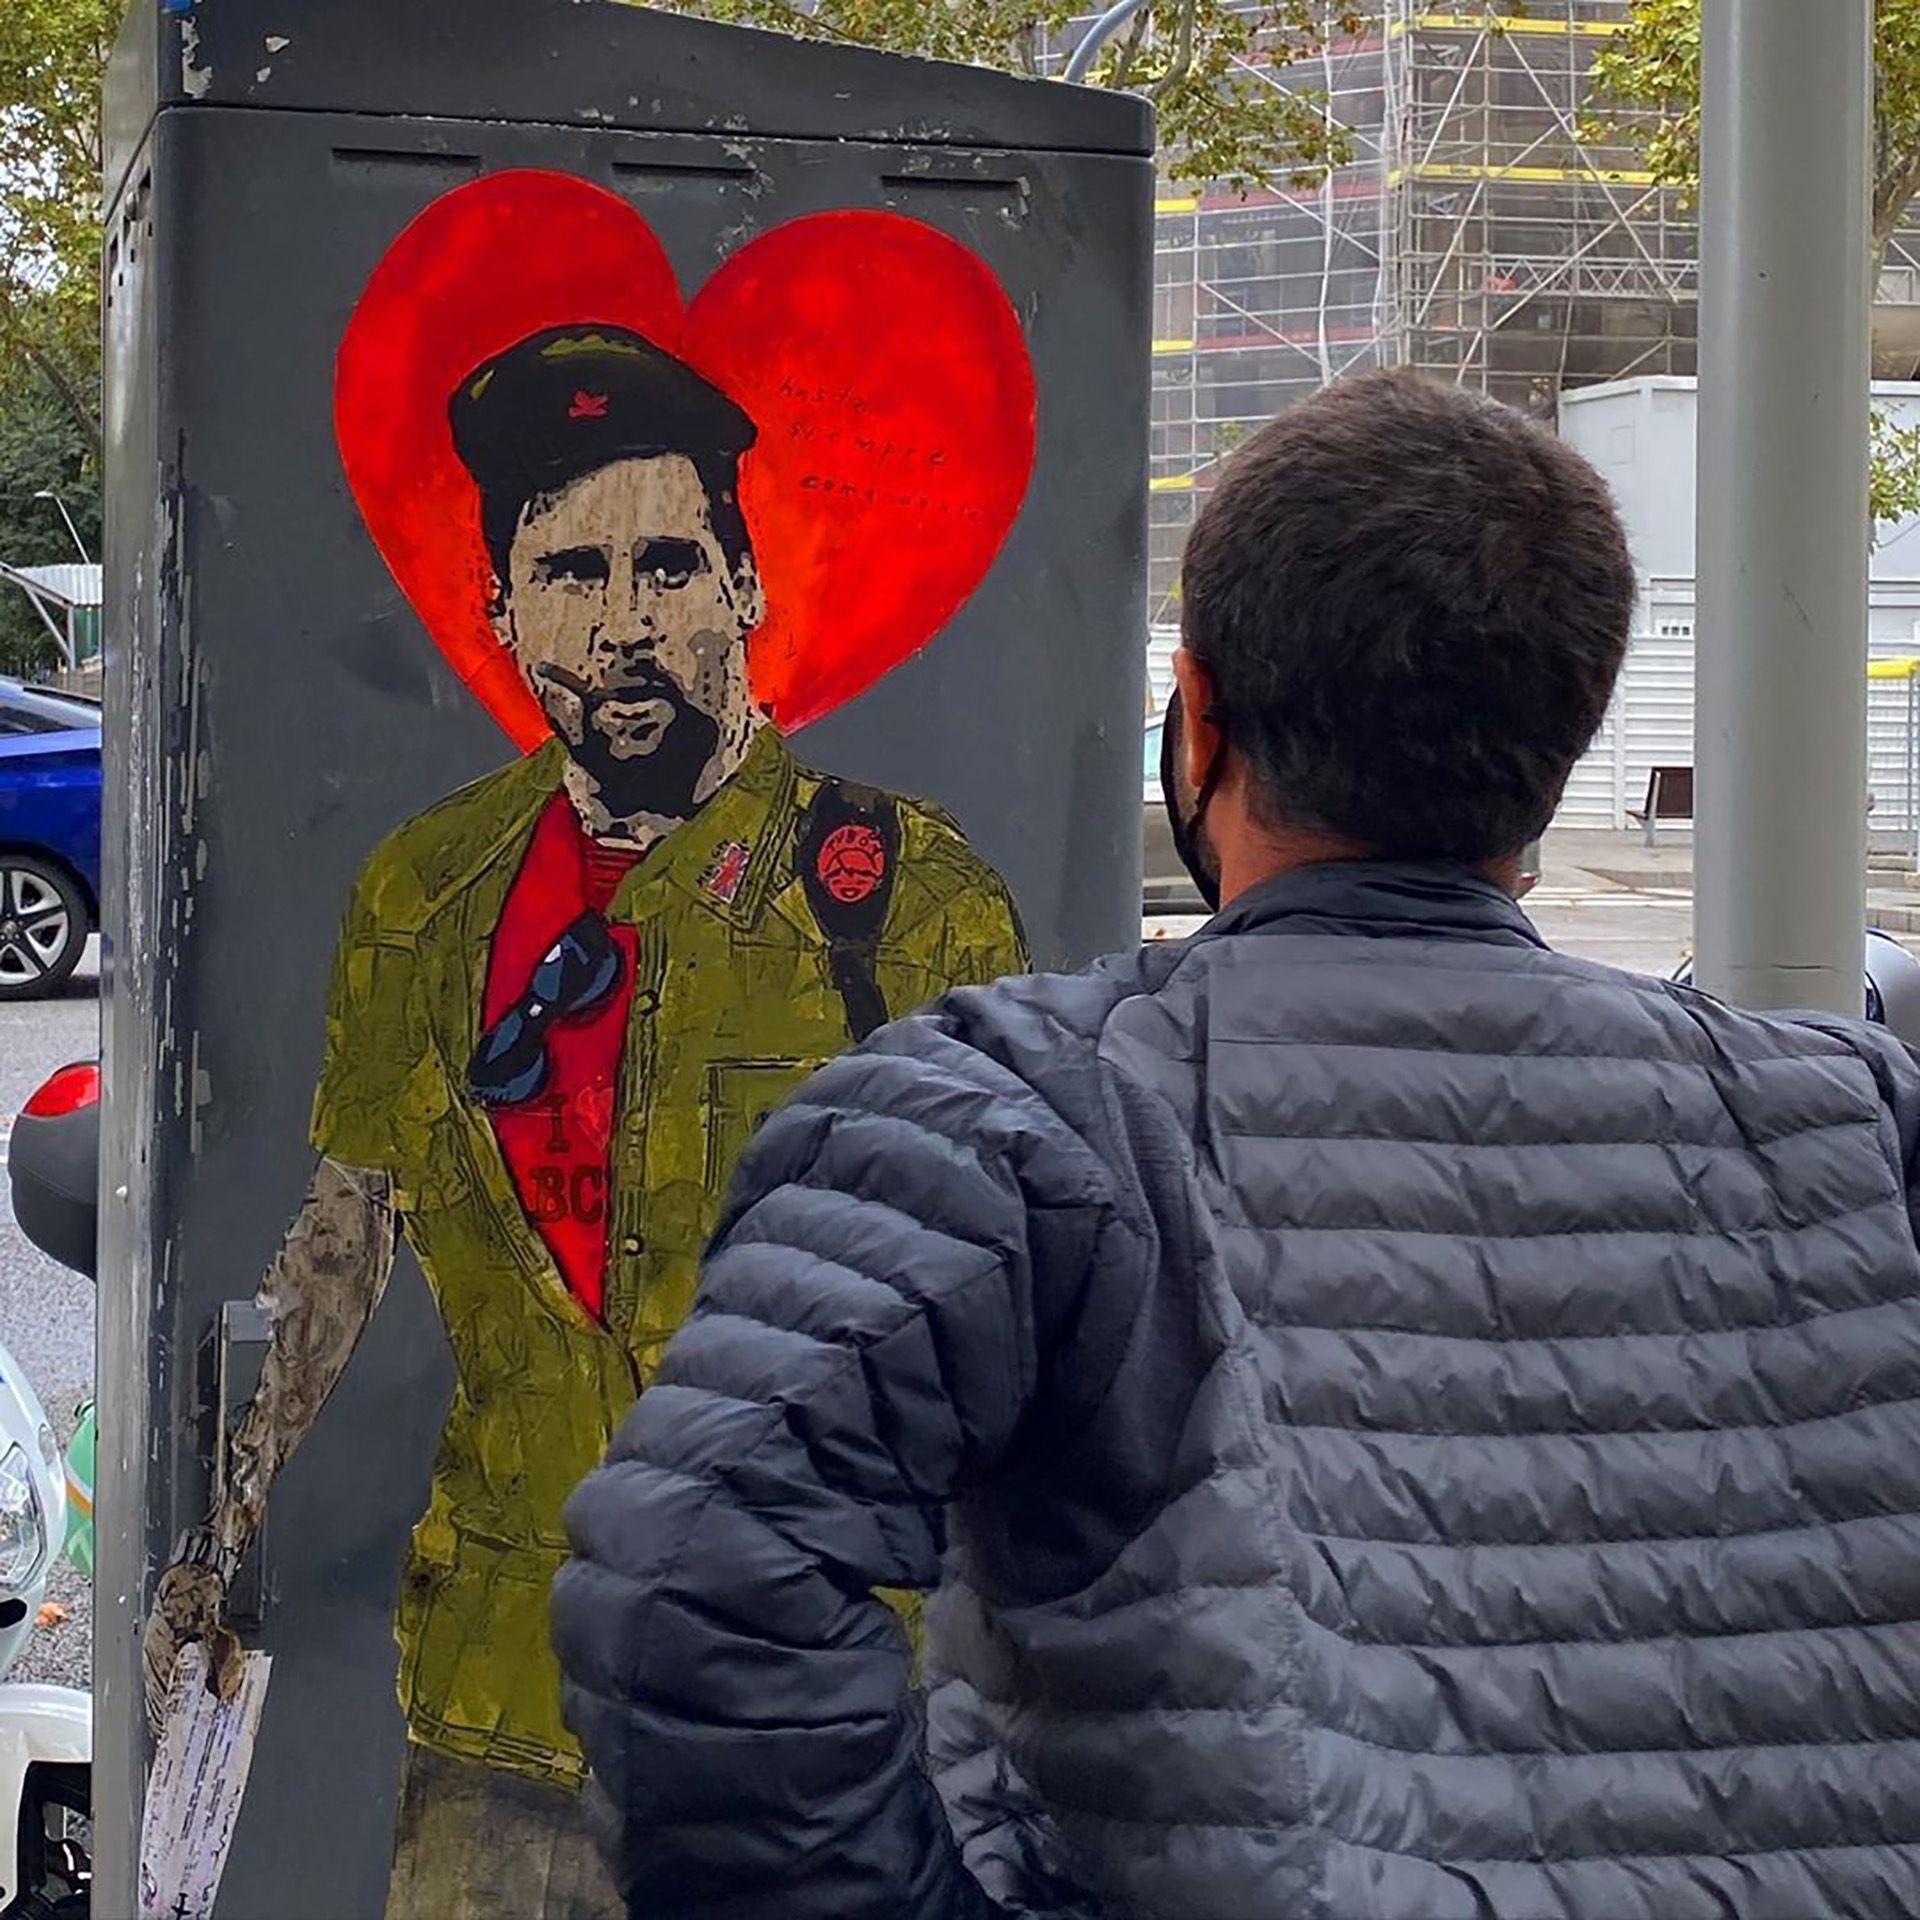 El grafitero TvBoy despidió a Messi con un dibujo de el